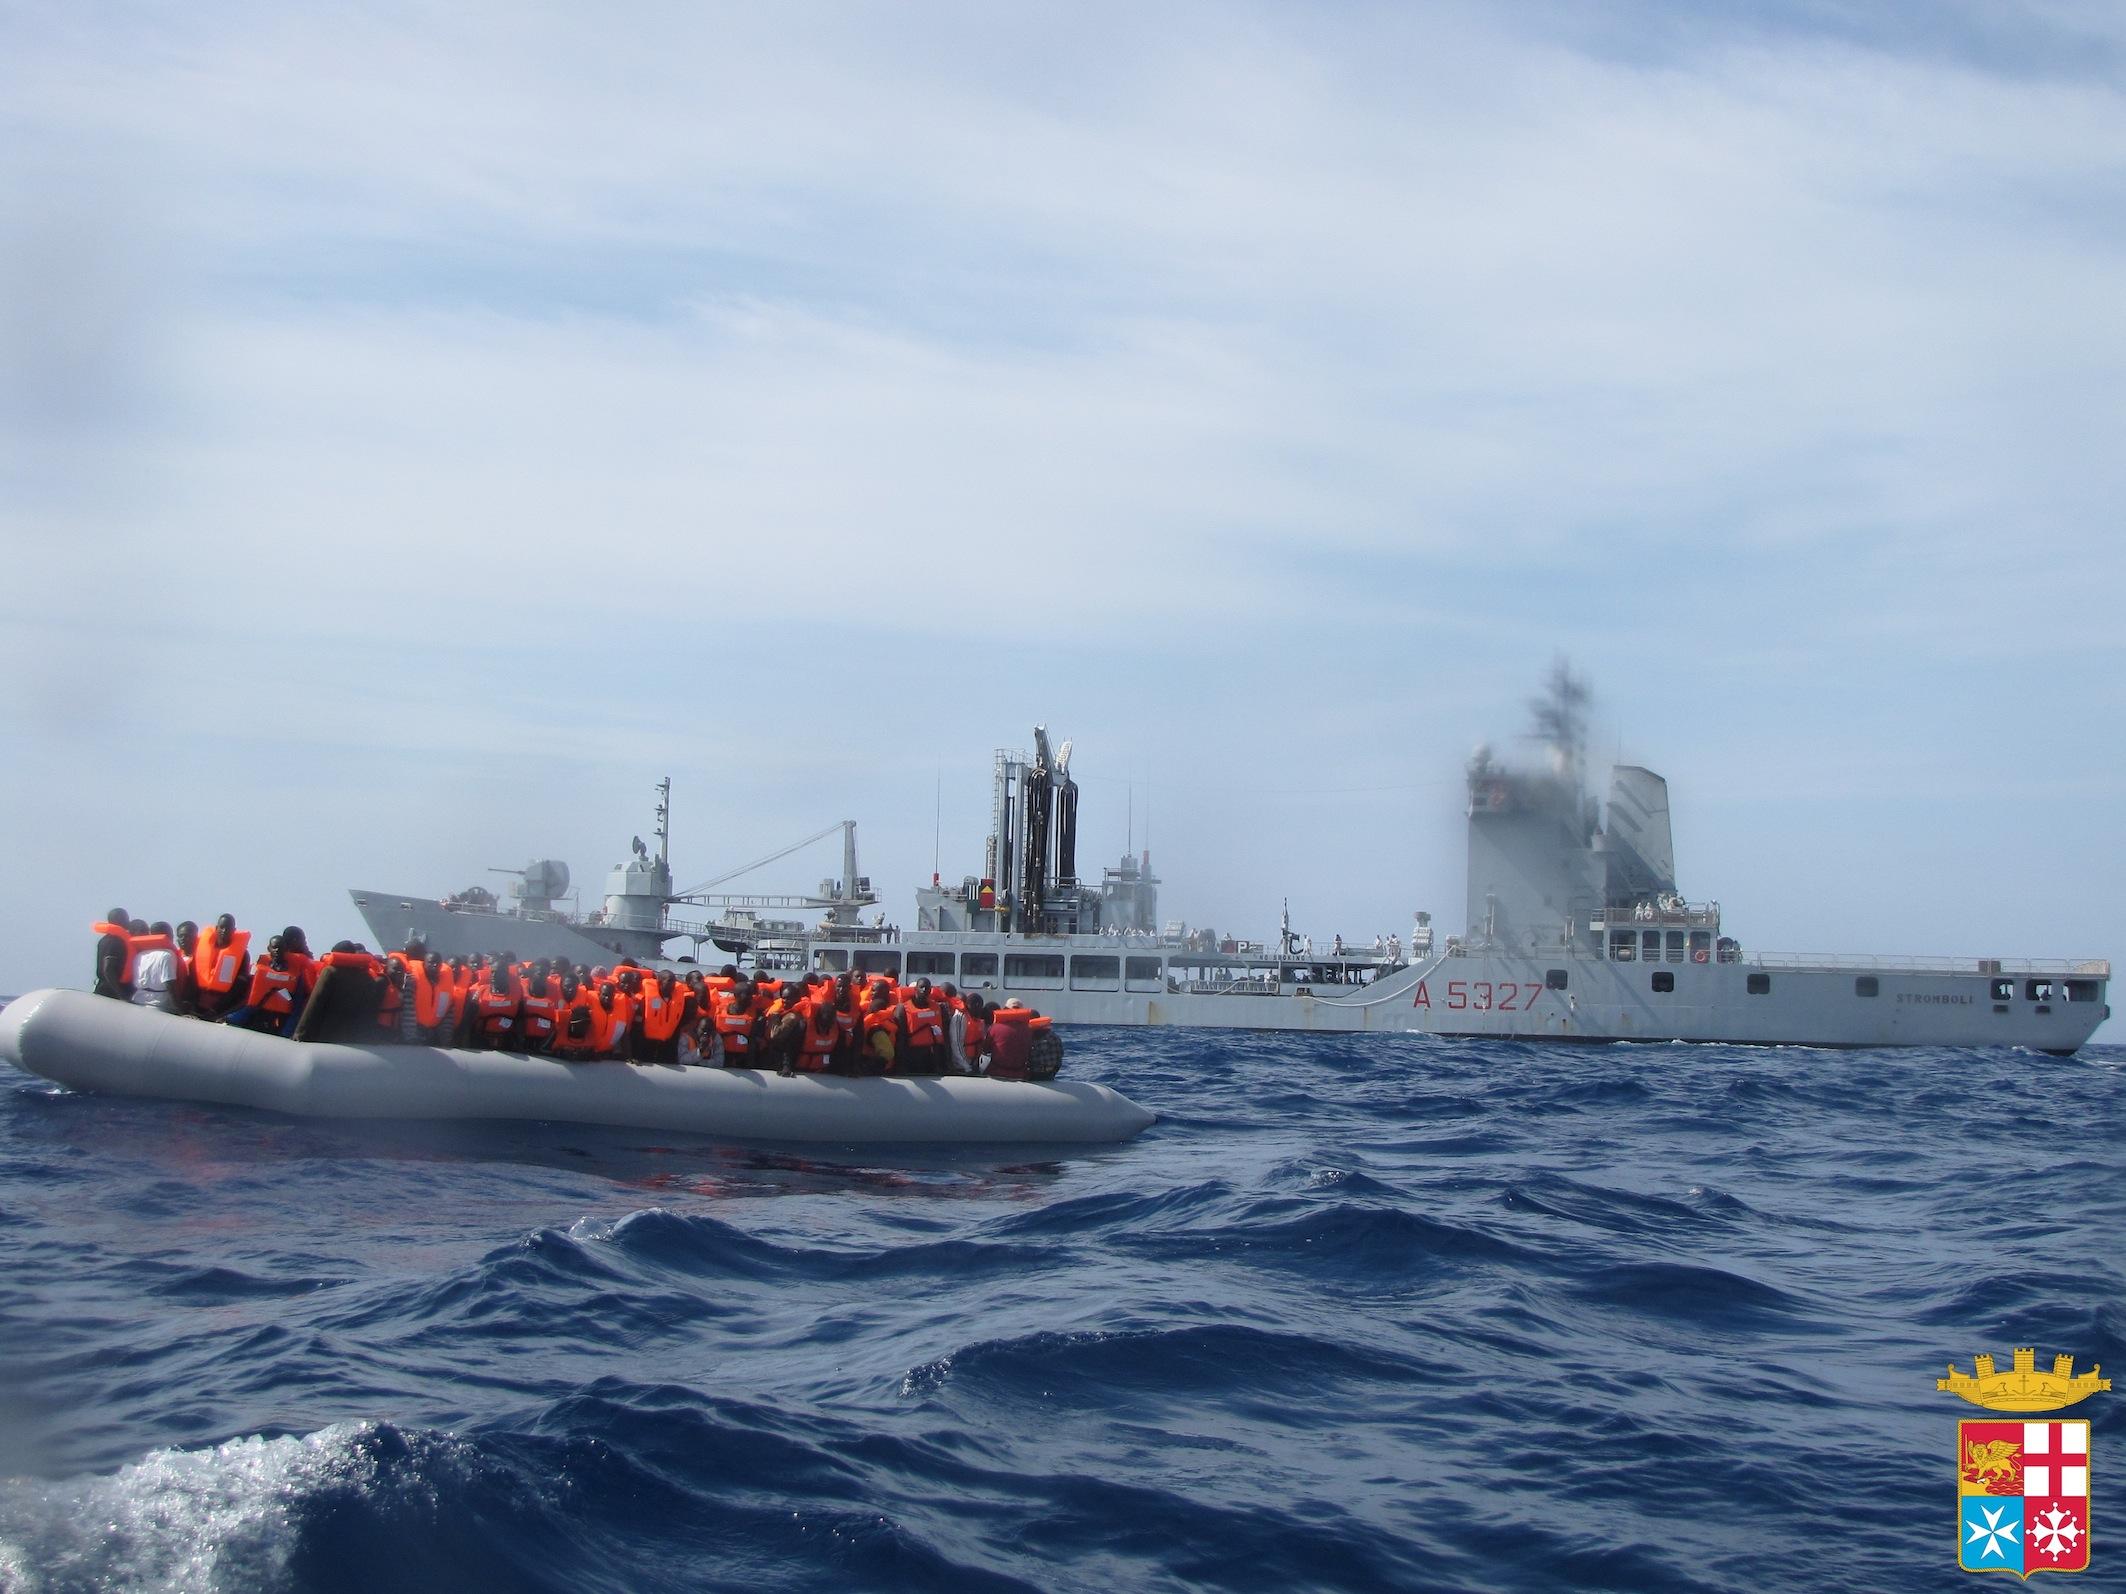 Foto: Marina Militare (CC BY 2.0).